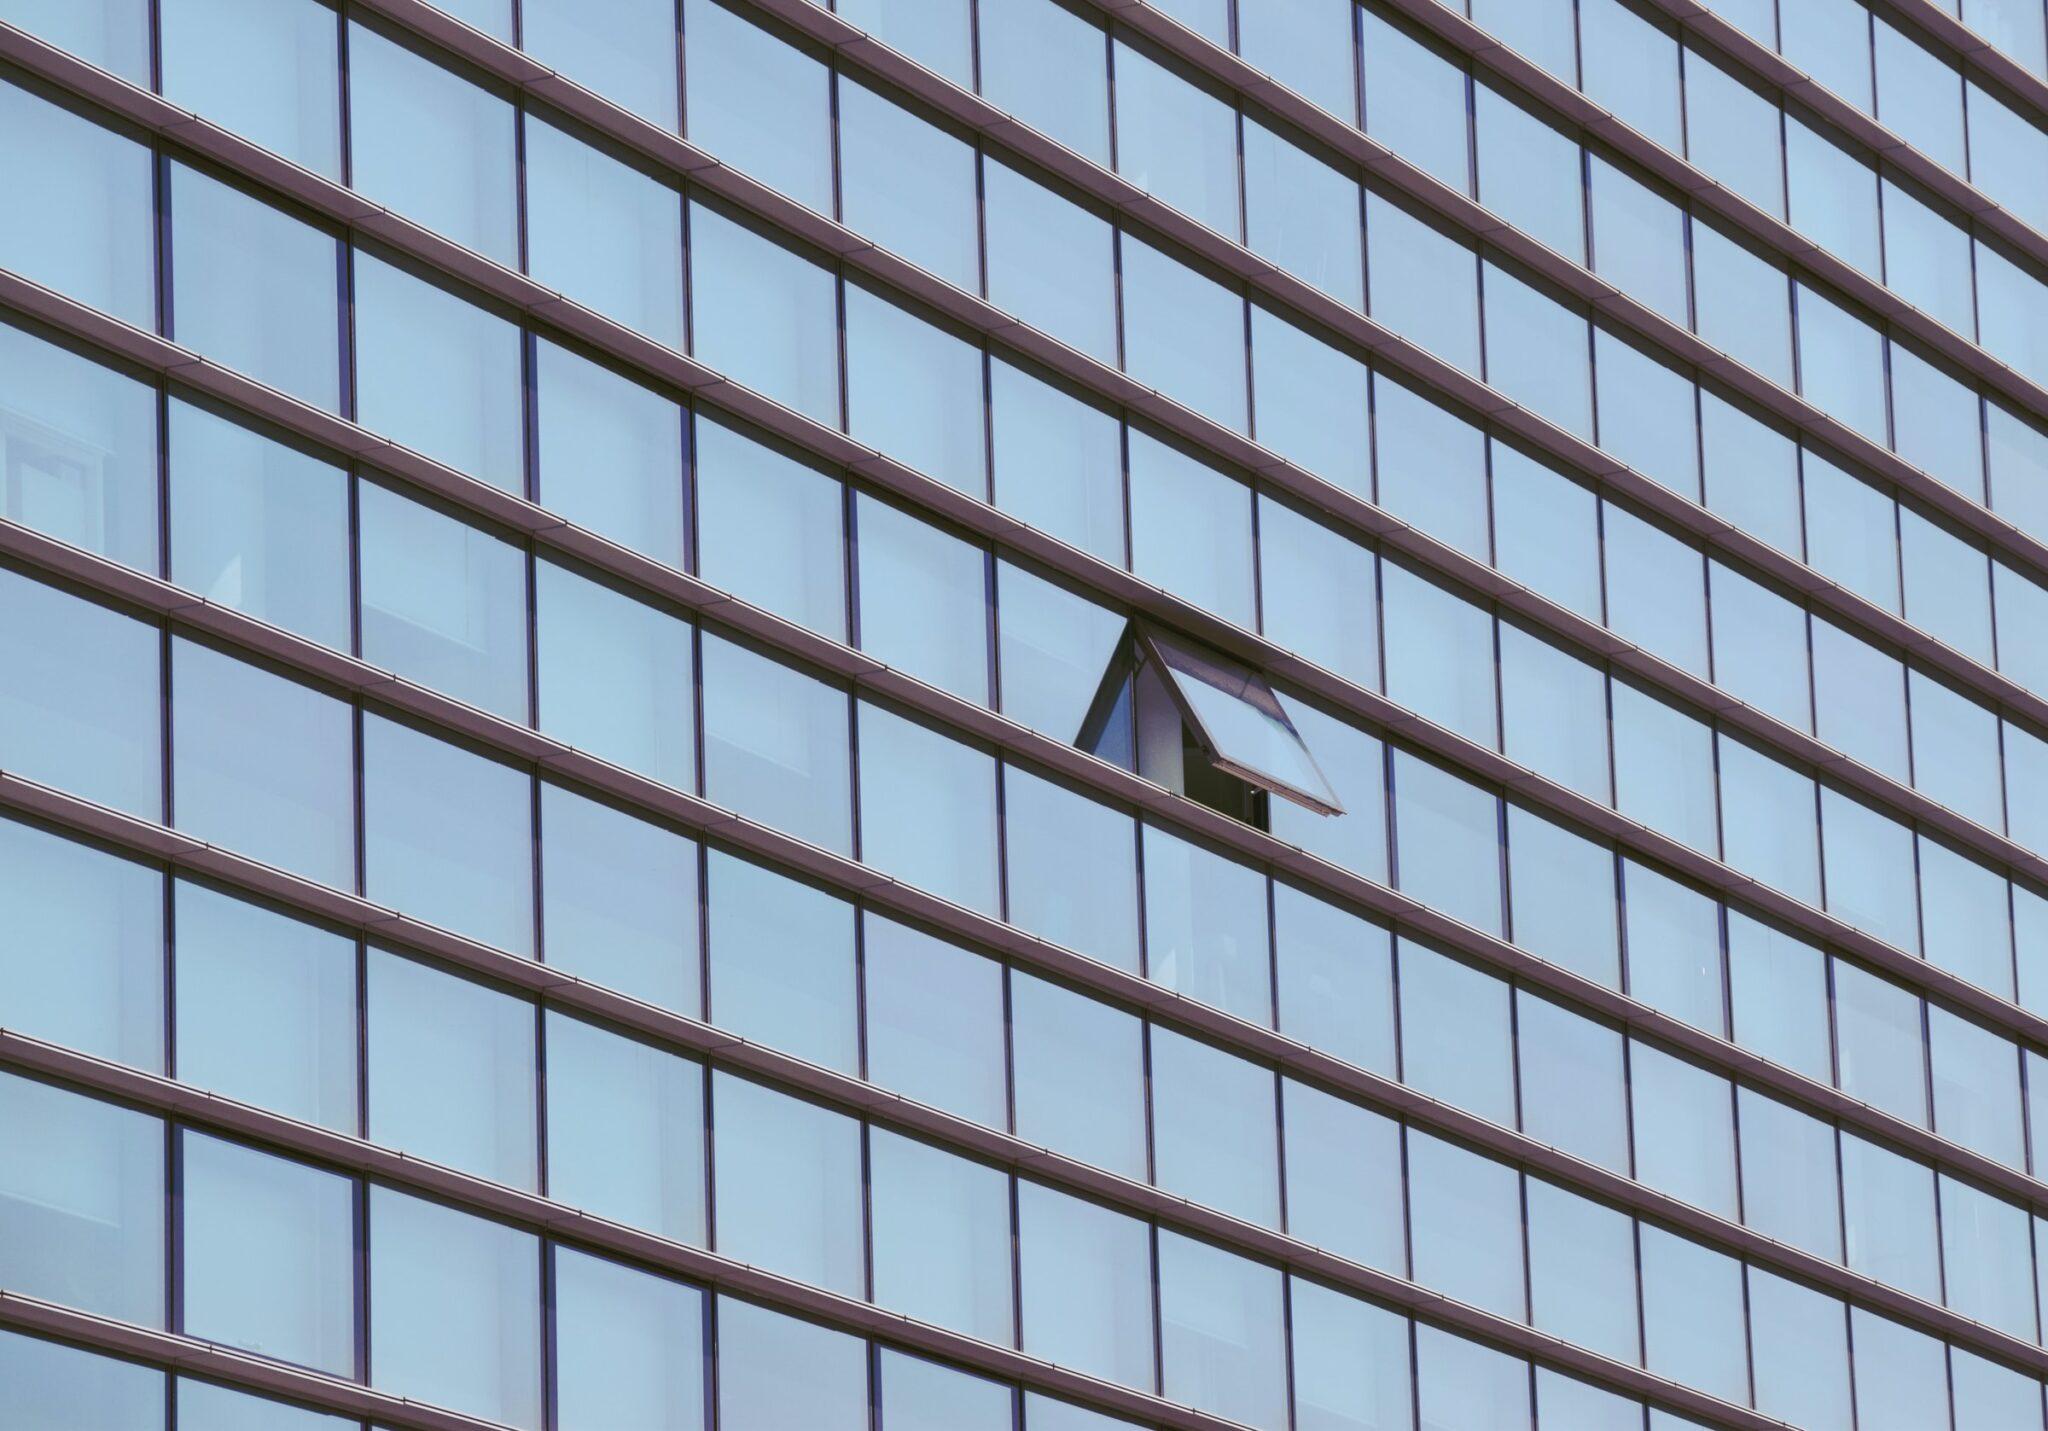 Glasfassade eines Bürogebäudes mit einem offenen Fenster.